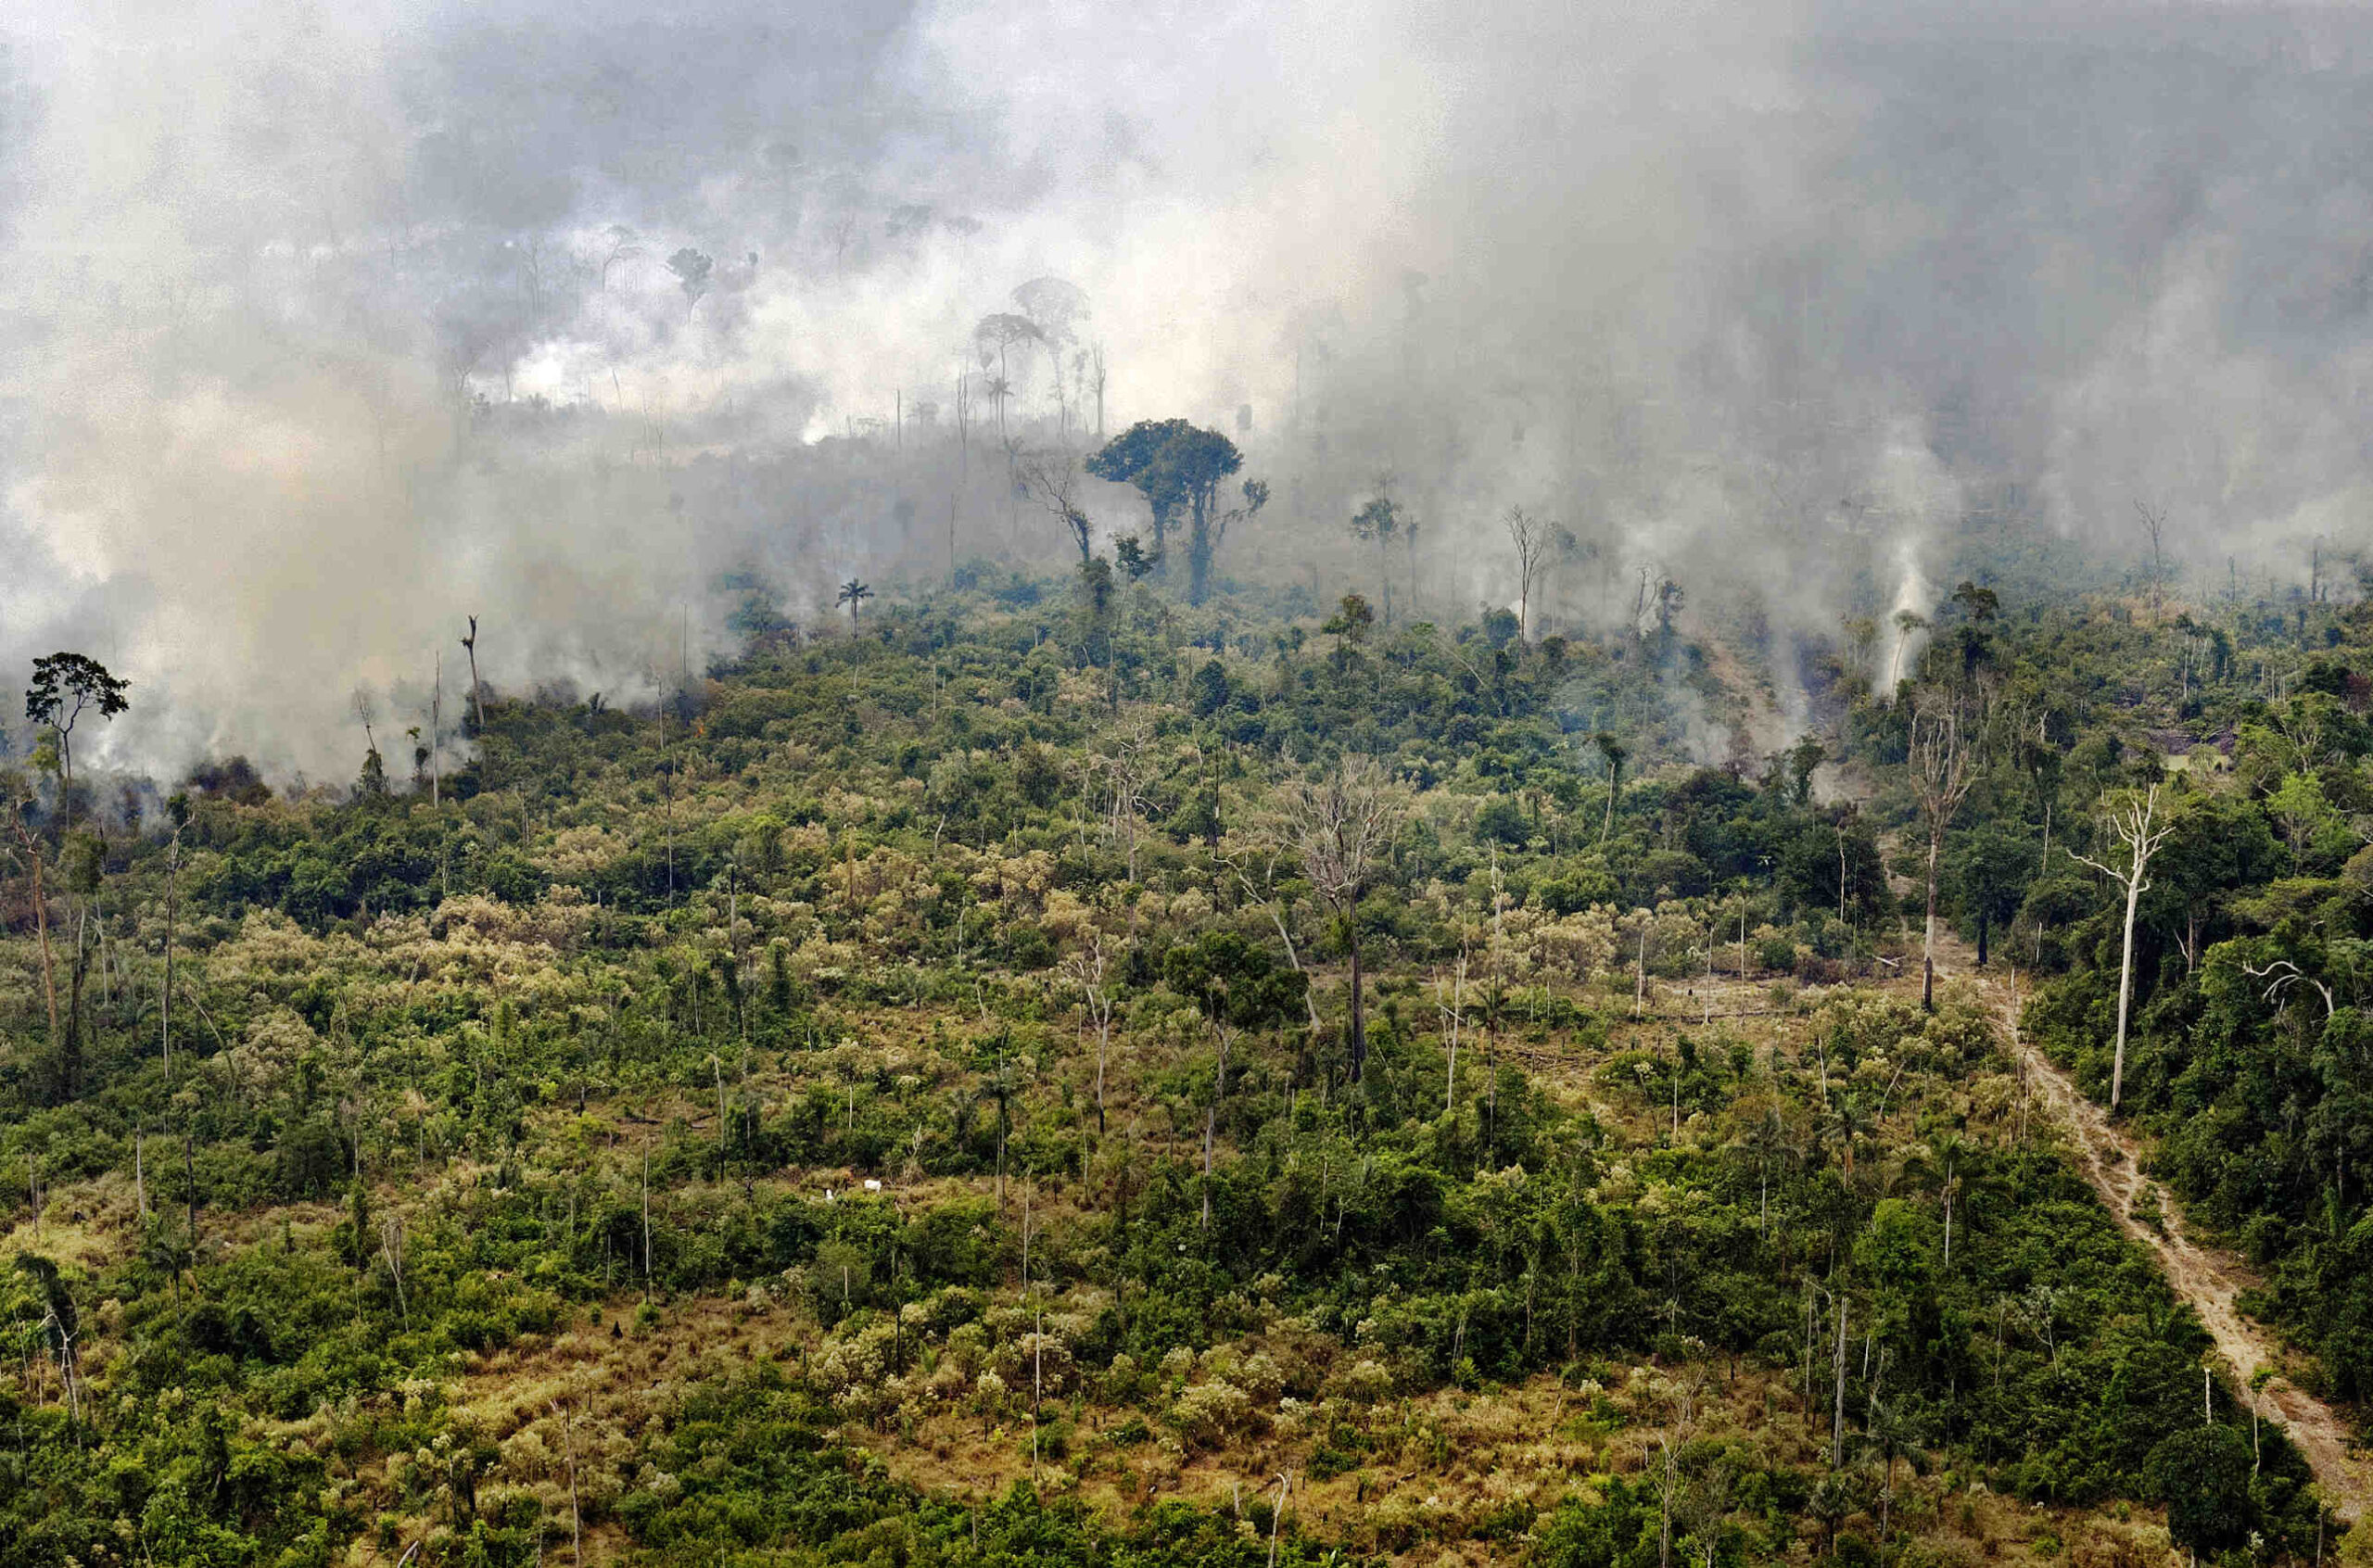 Quels sont les dangers qui menacent la forêt?